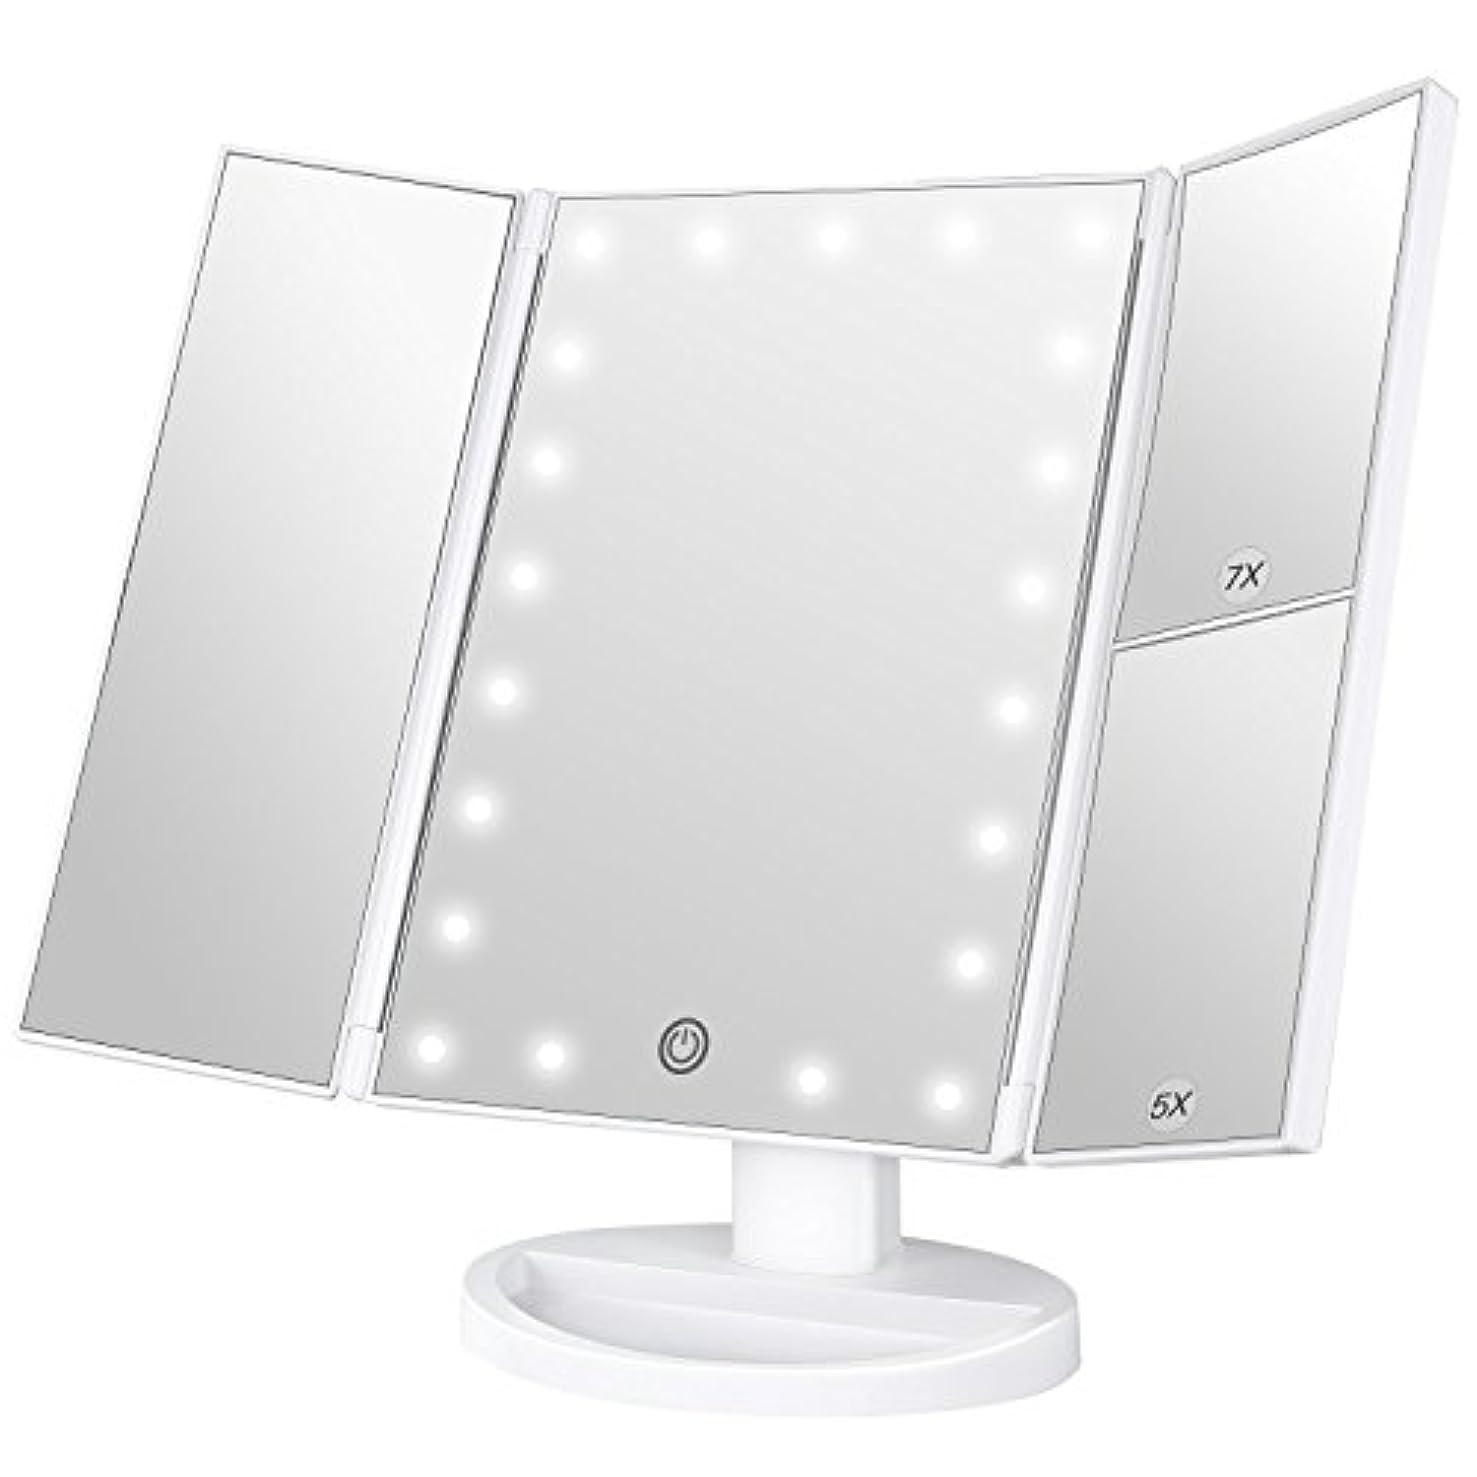 緊急欠如サイバースペースBESTOPE 化粧鏡 卓上ミラー 鏡 三面鏡 卓上 led付き 折りたたみ 拡大鏡 5倍 7倍 明るさ調節可能 180°回転 電池&USB 2WAY給電 (ホワイト)